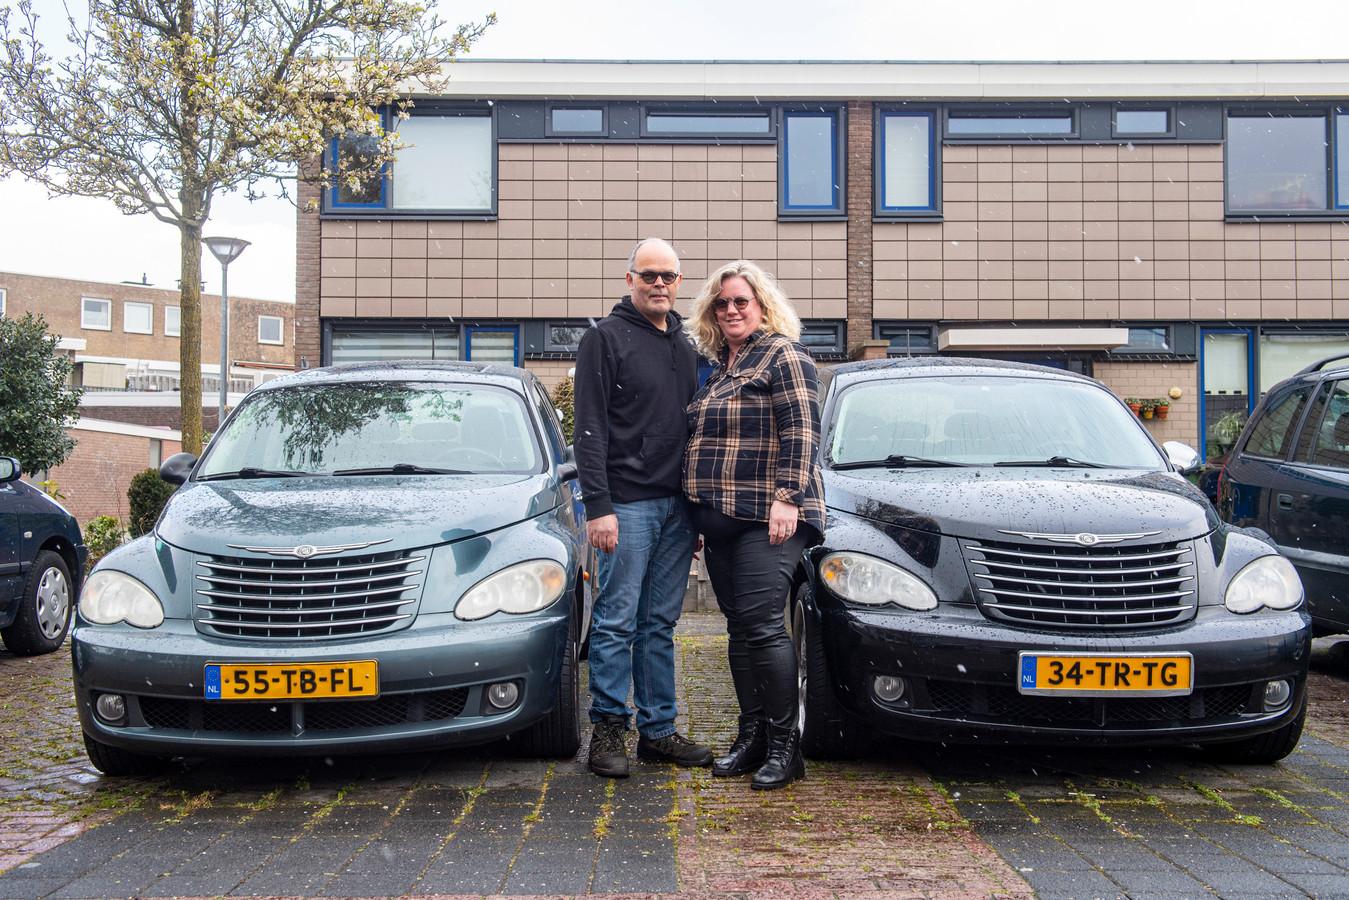 Kees en Jacqueline Sperling, bij twee van hun Chryslers, die niet door de brand verloren zijn gegaan omdat die bij hen thuis in Barneveld voor de deur stonden.